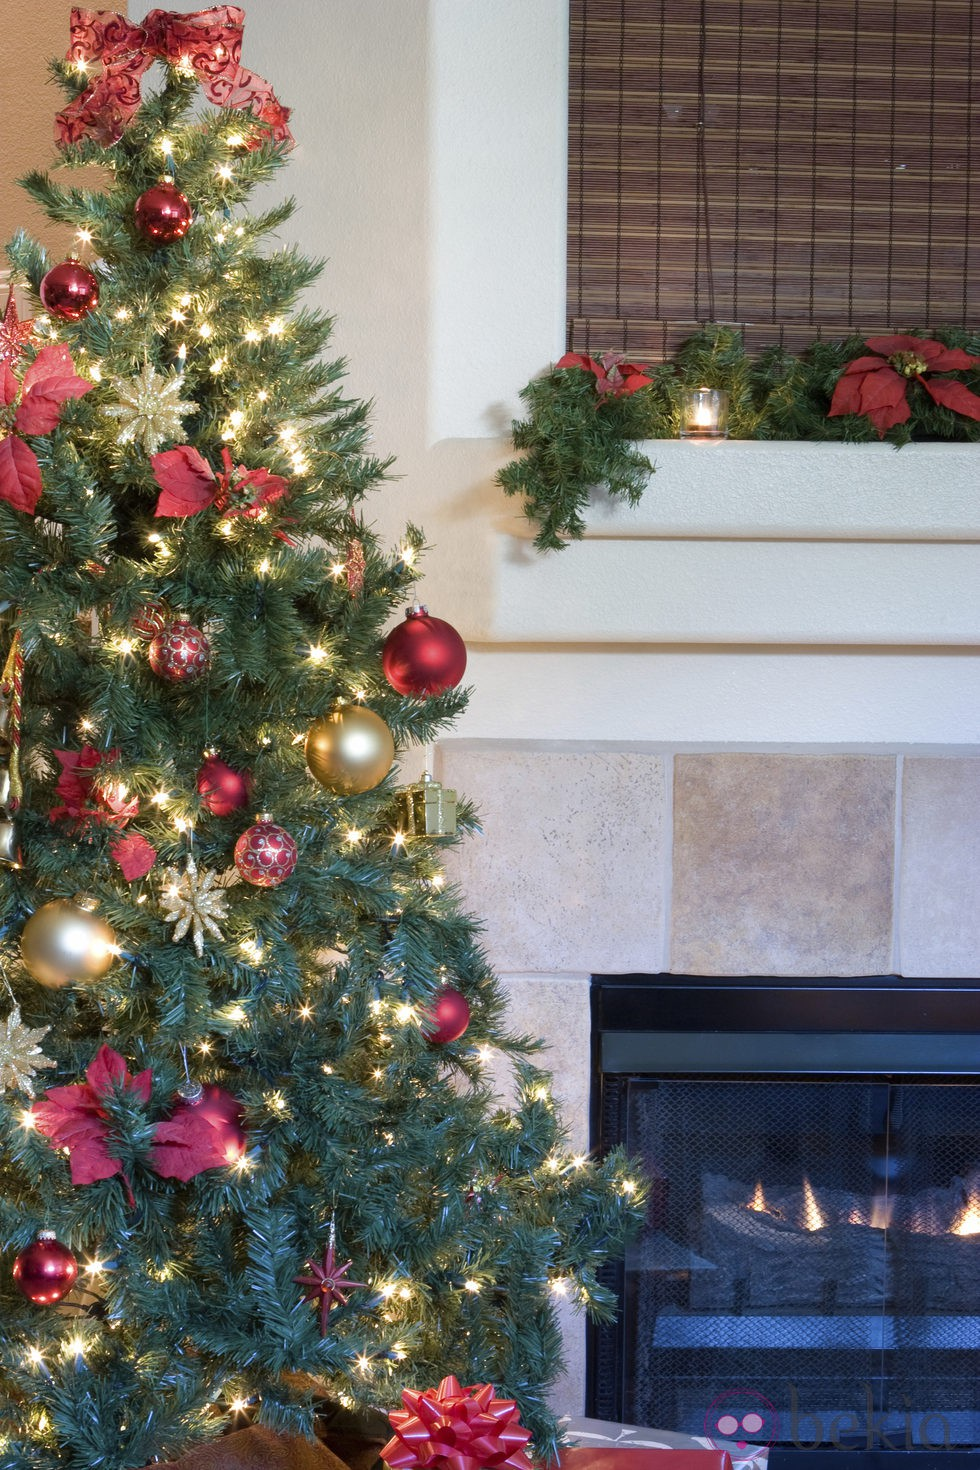 Rbol de navidad la importancia de las luces fotos de - Luces led para arbol de navidad ...